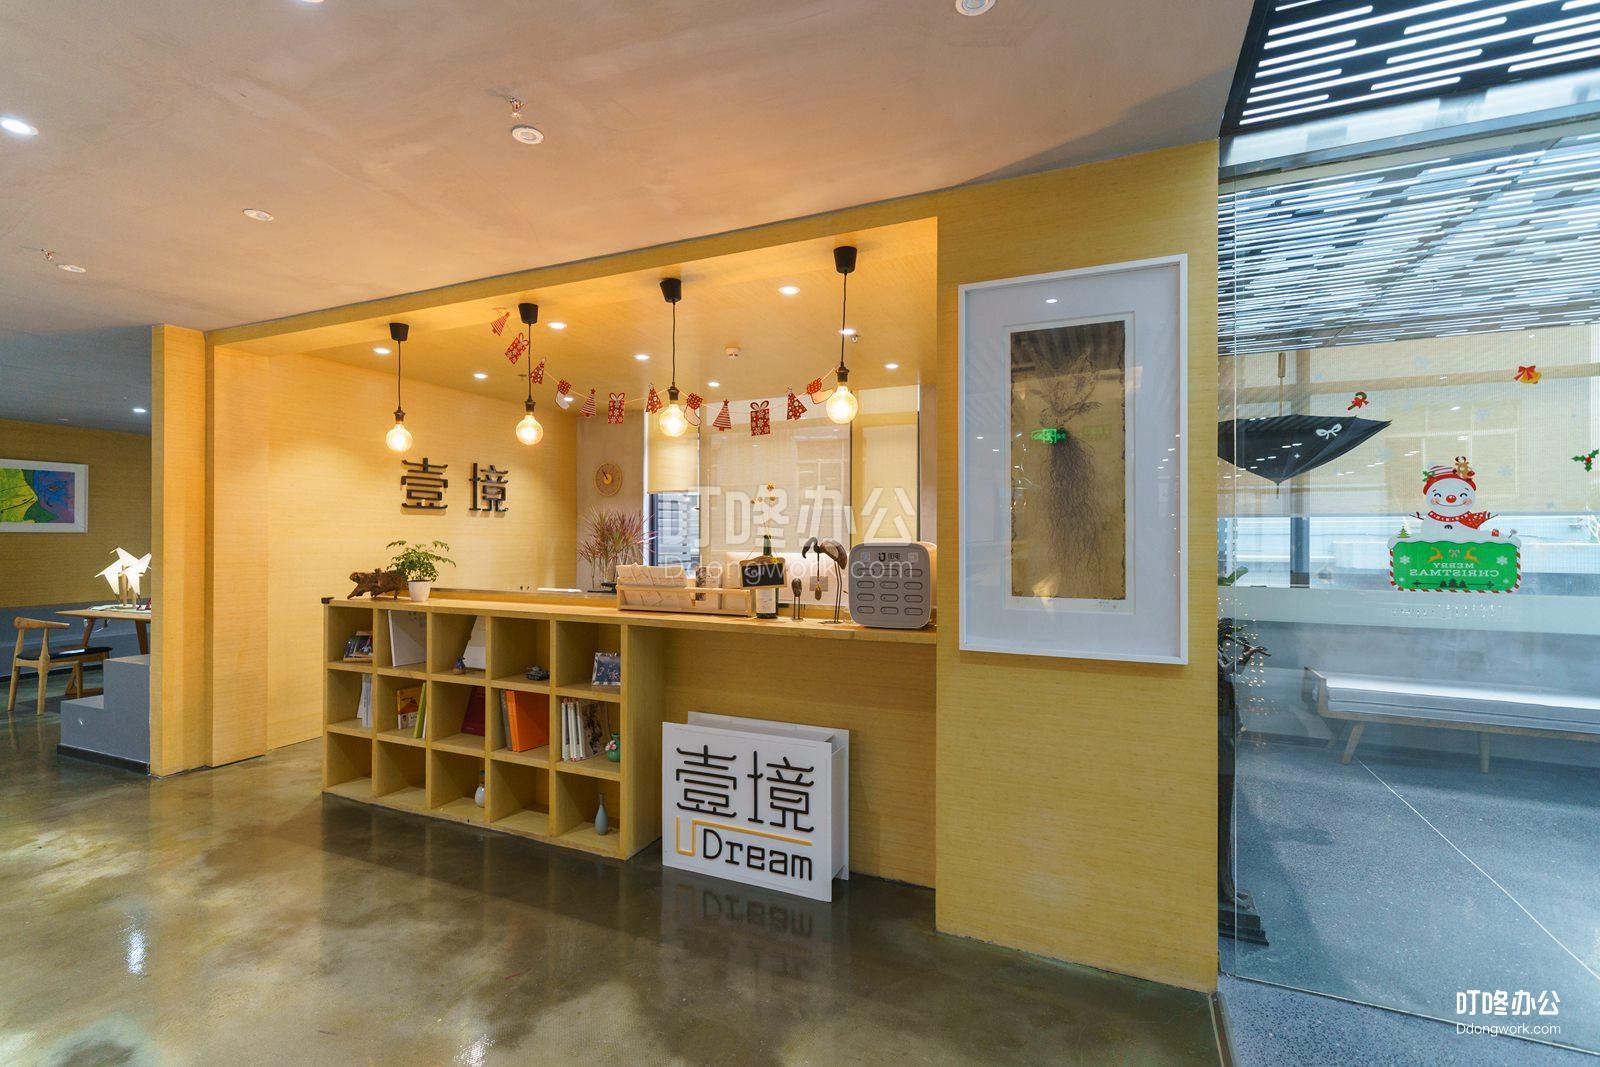 壹境文化创意办公联合空间公共区域